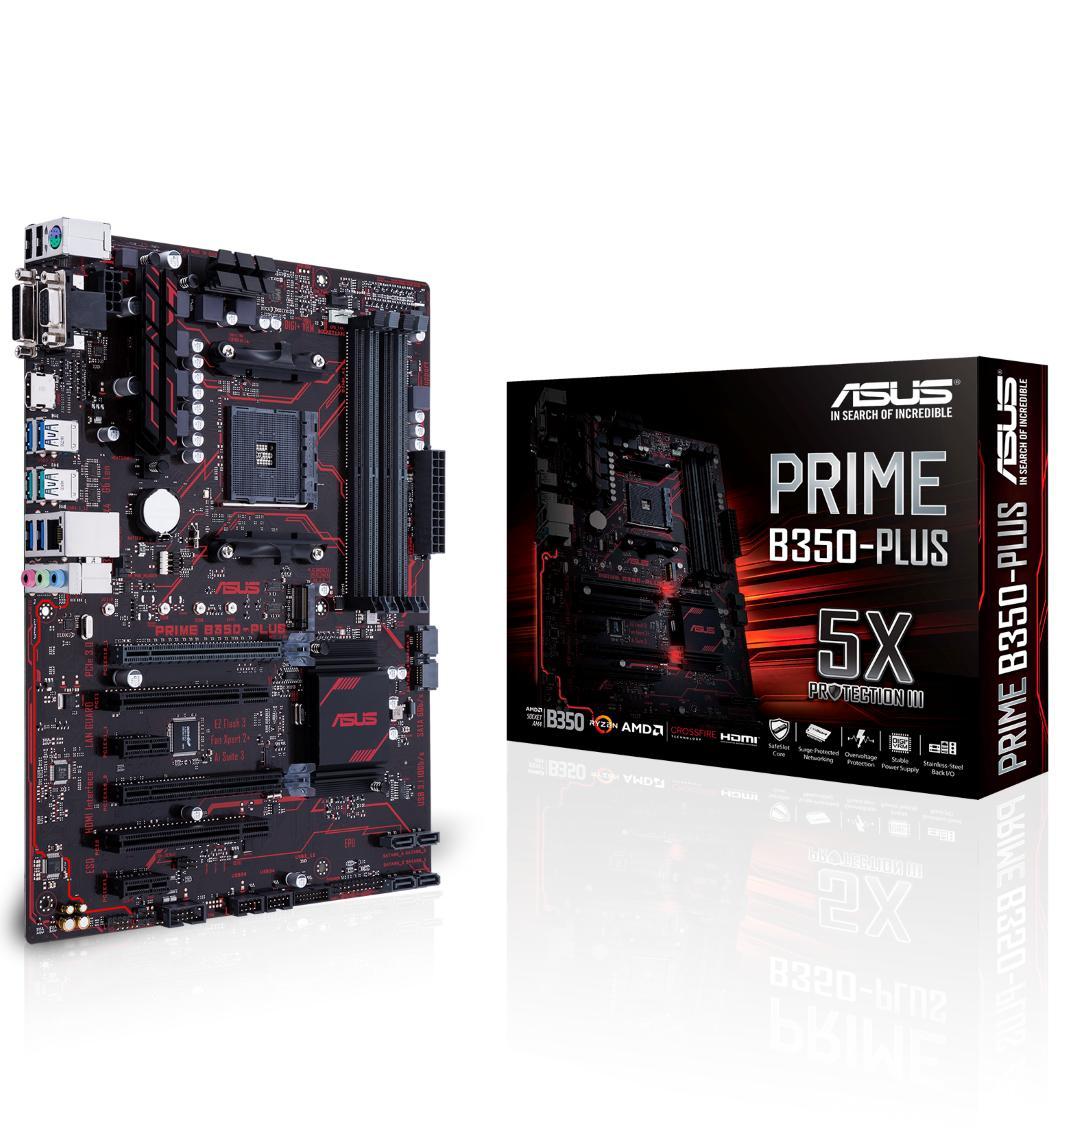 Asus PRIME B350-PLUS ATX AM4